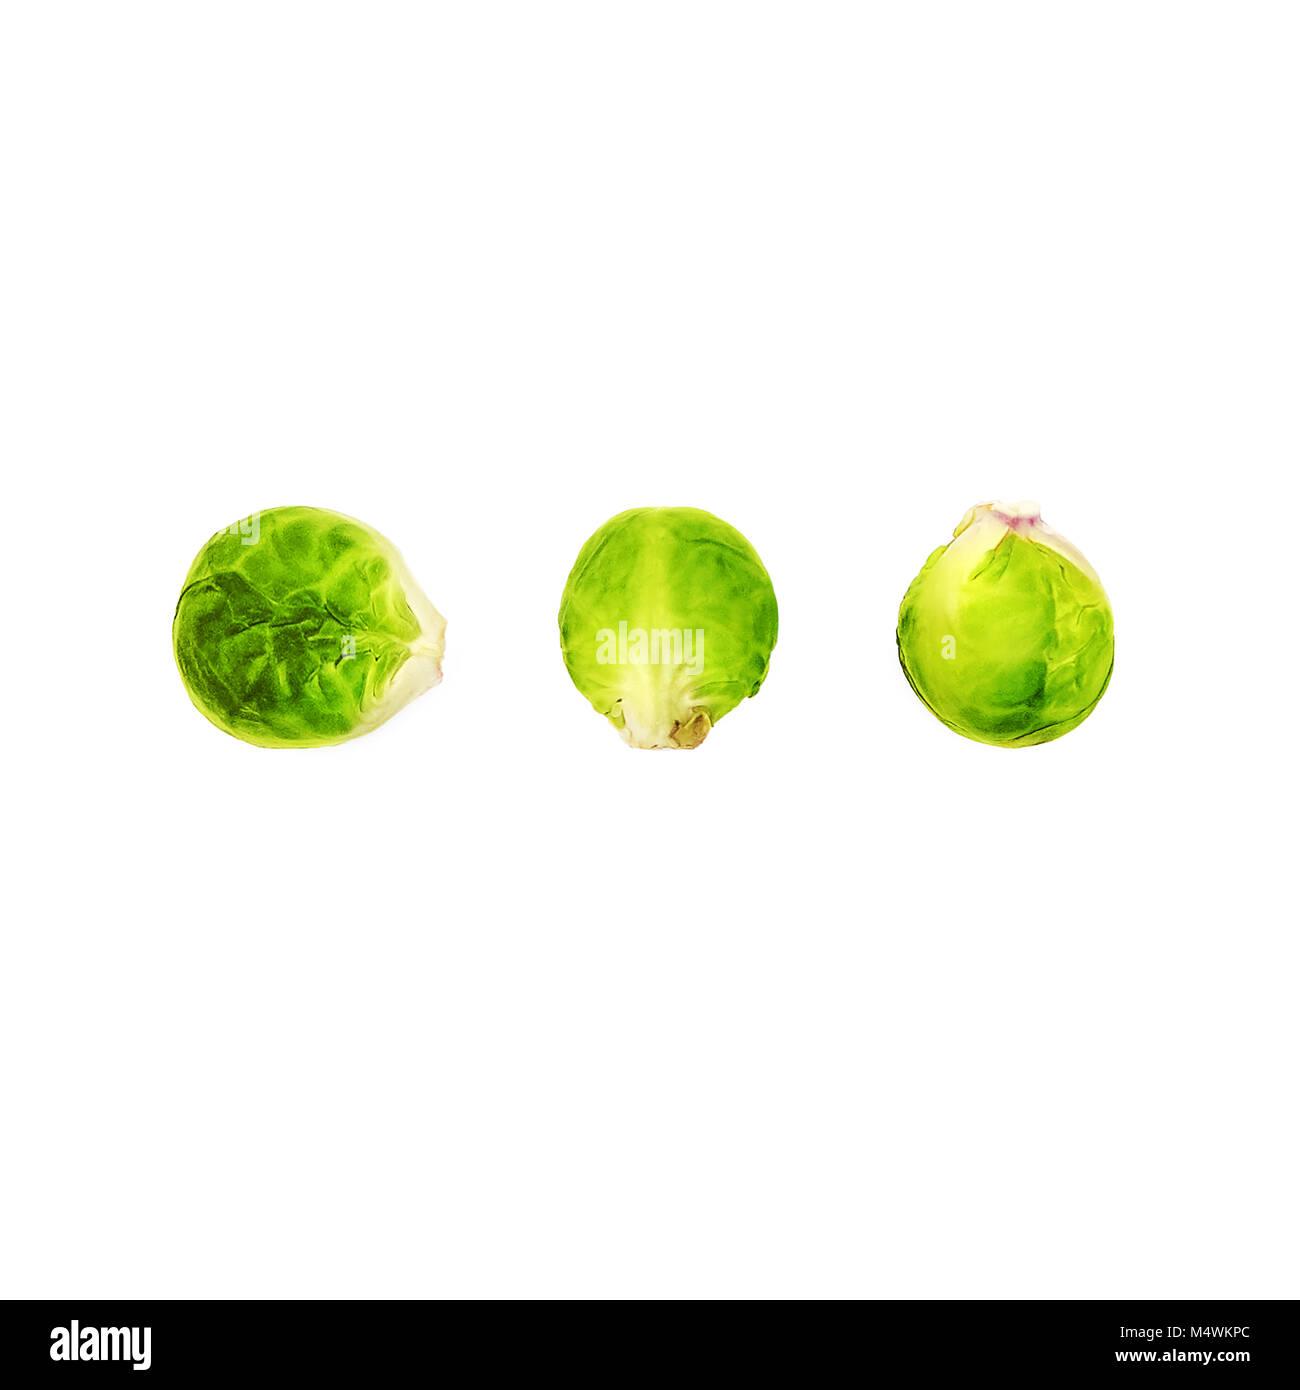 Choux de Bruxelles Vue de dessus trois fruits de choux de Bruxelles sont couché dans une rangée sur un Photo Stock